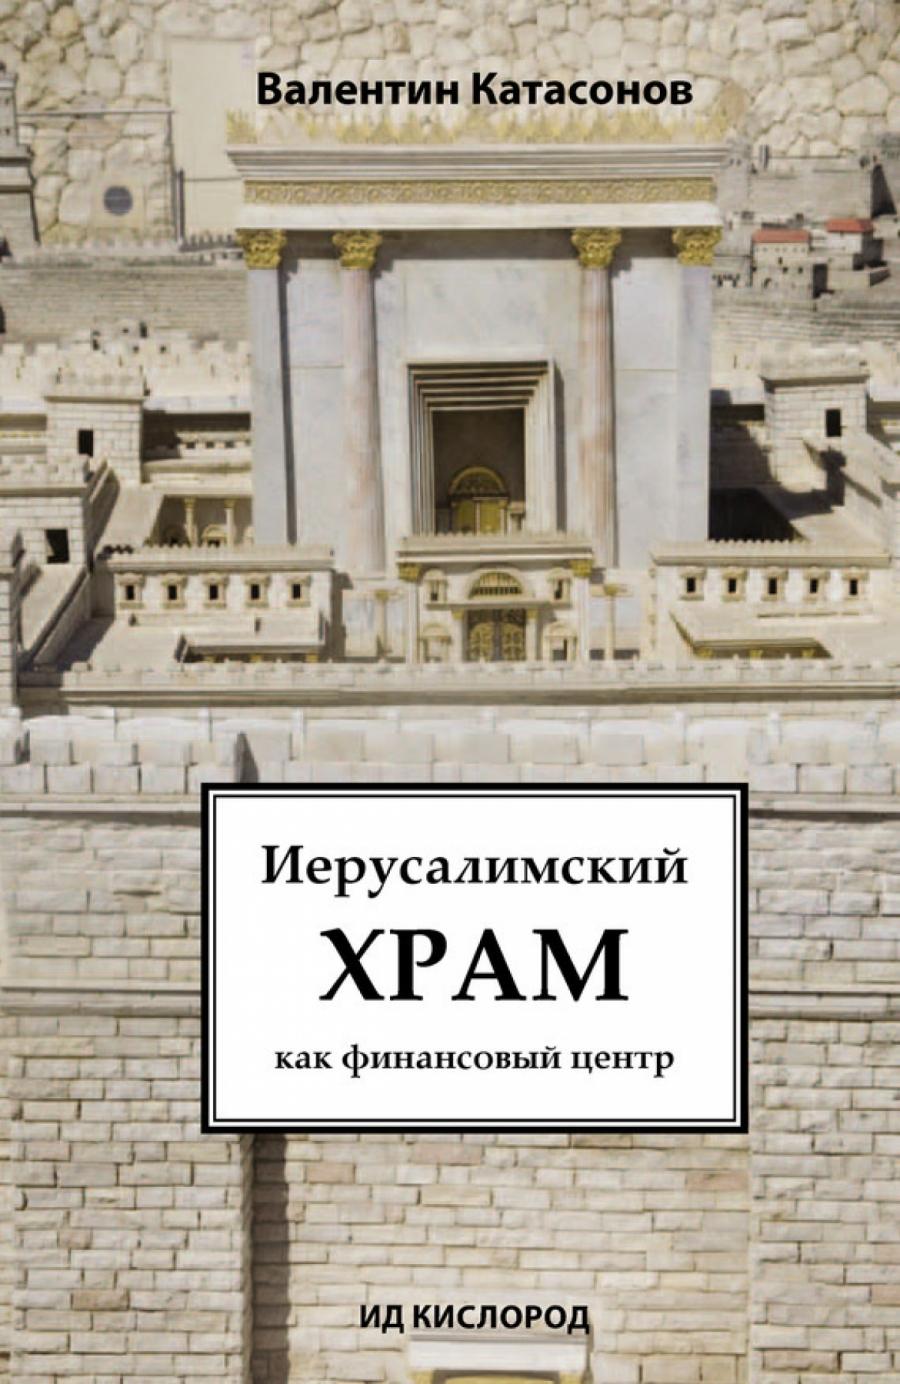 Обложка книги:  катасонов в.ю. - иерусалимский храм как финансовый центр